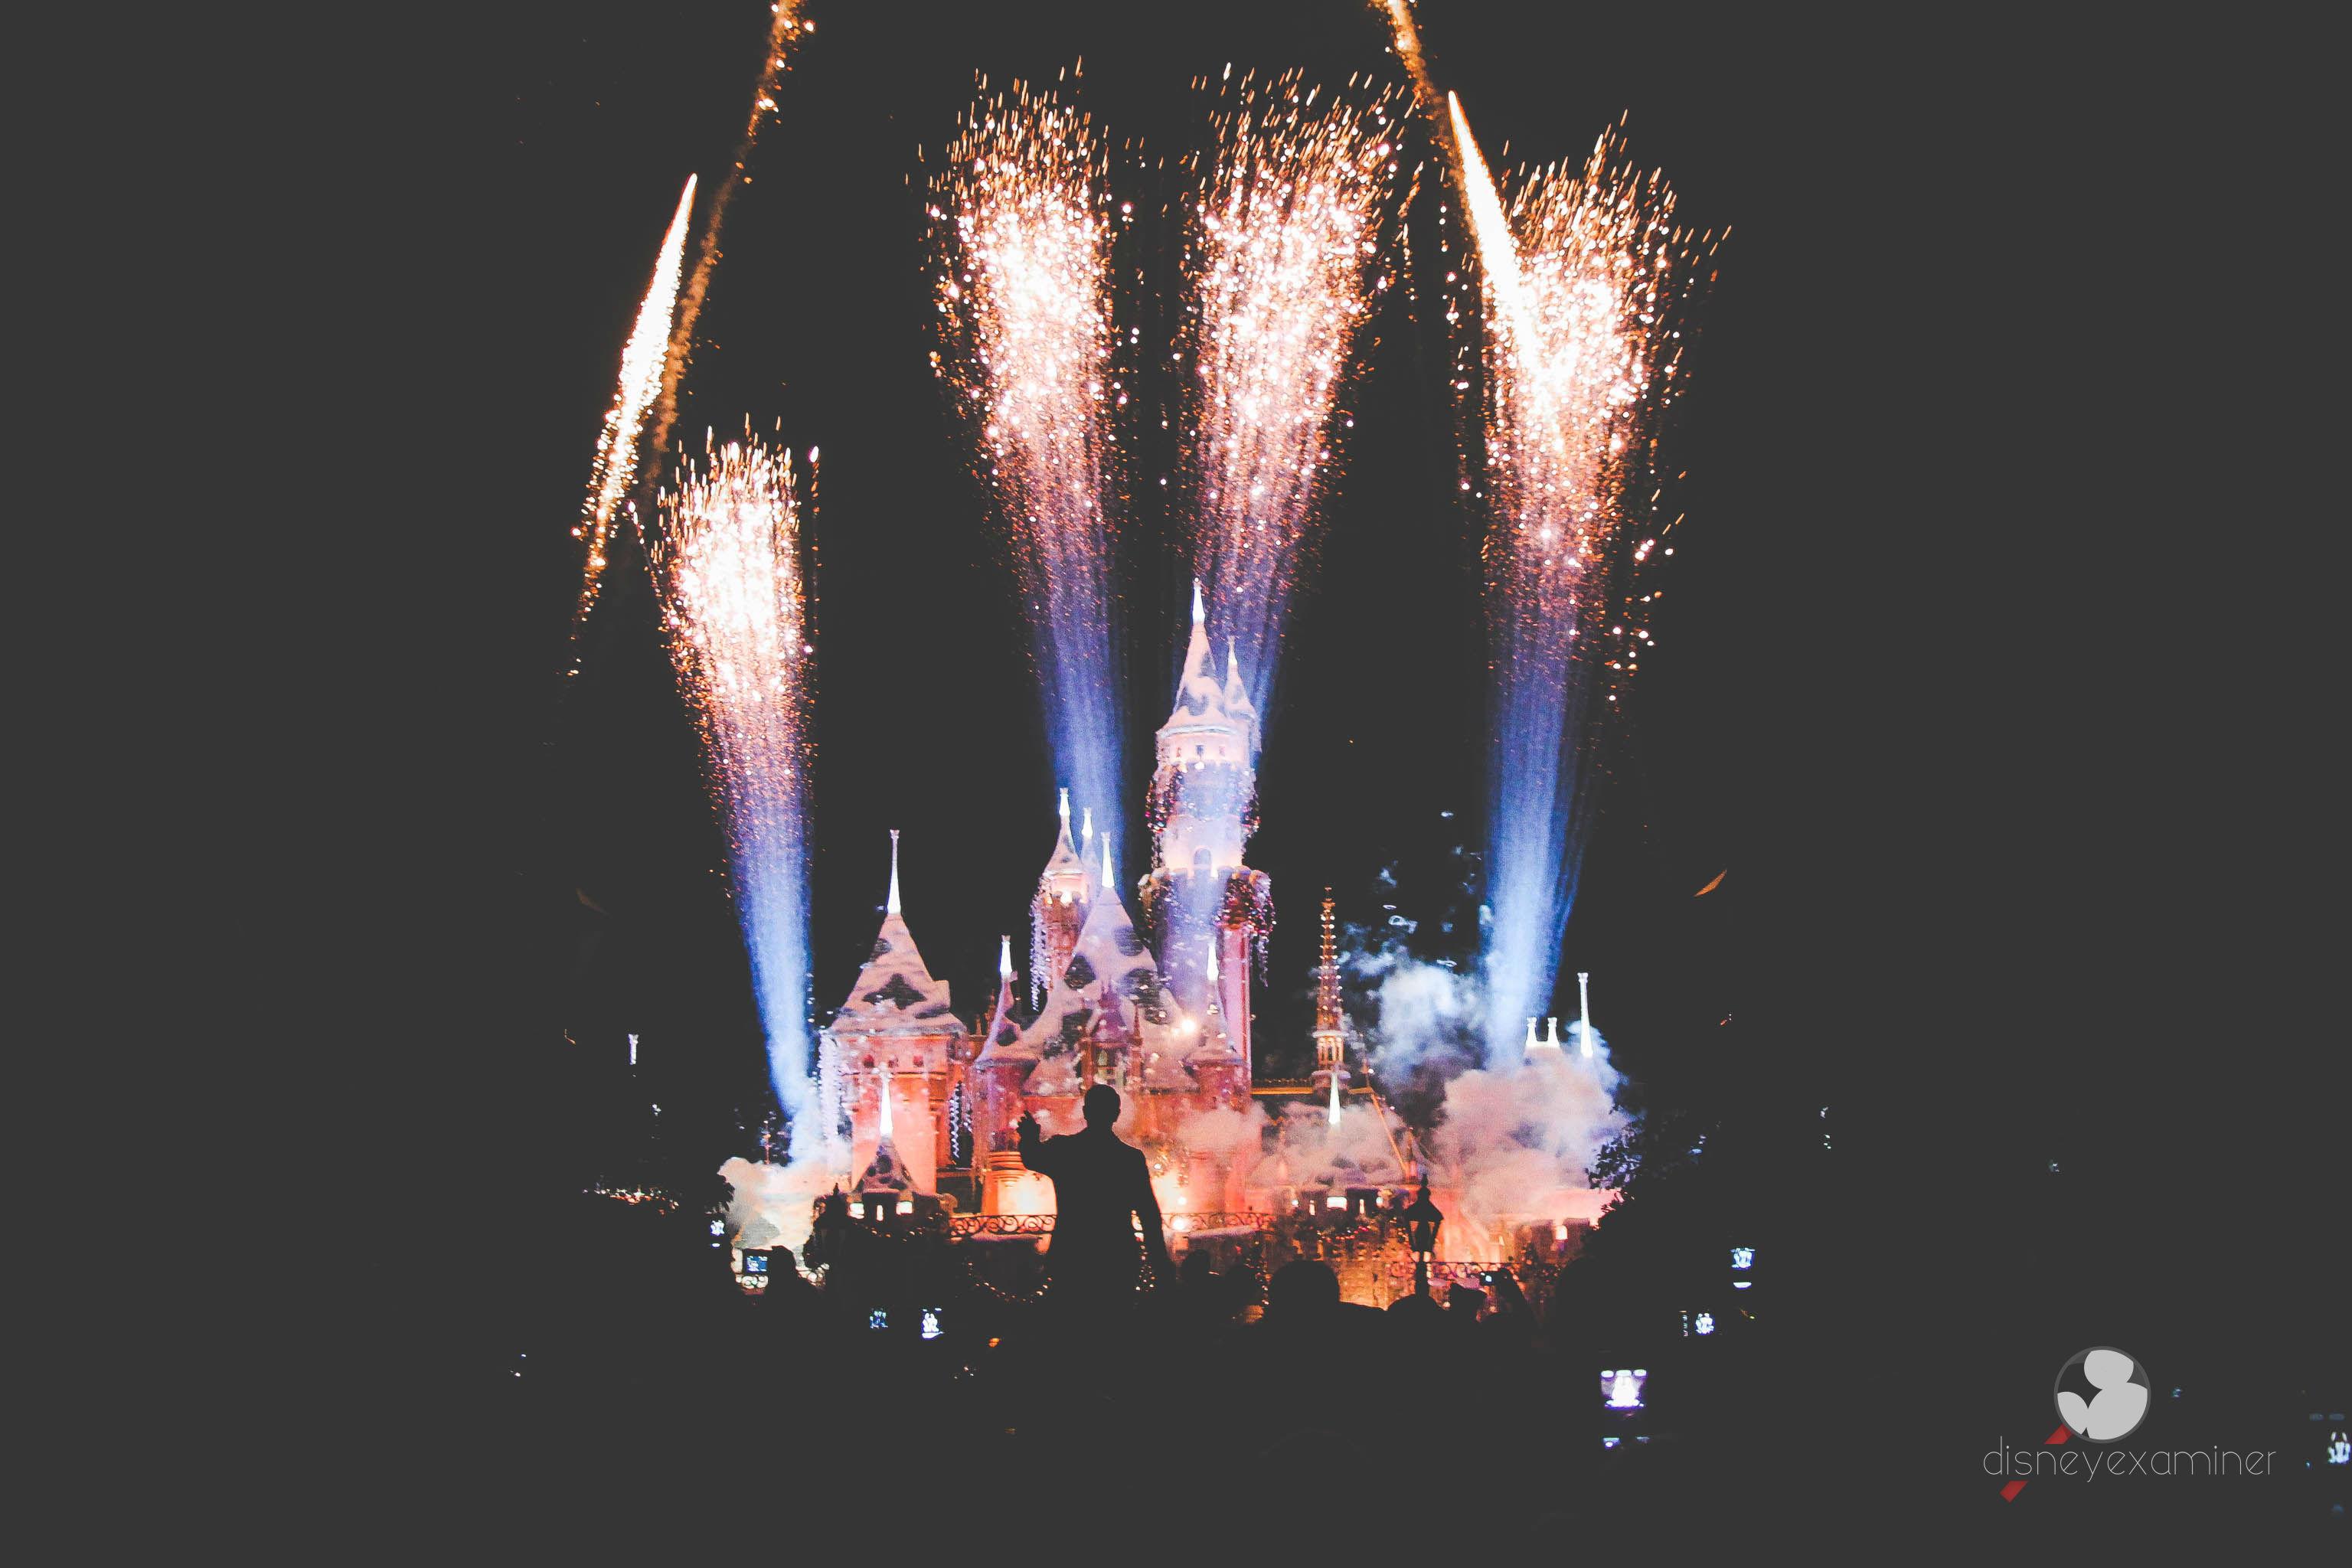 Sleeping Beautys Castle Fireworks Desktop Wallpaper